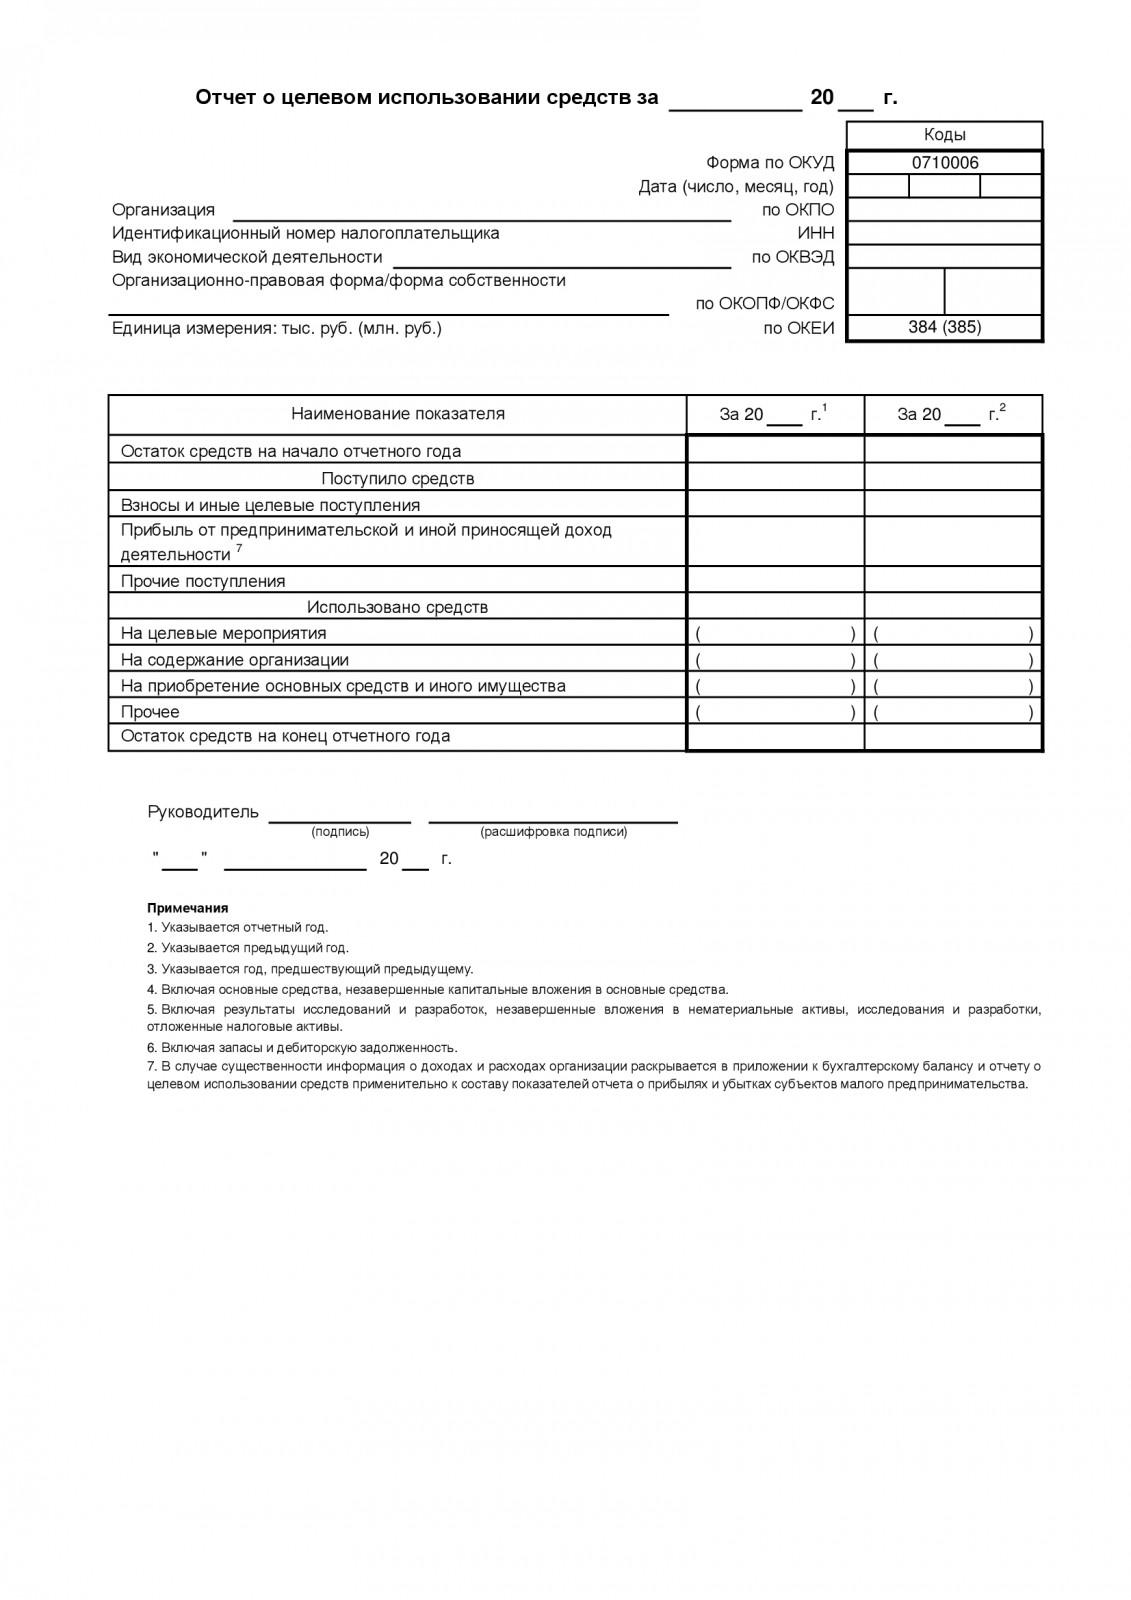 Инструкция по заполнению формы 6 бухгалтерской отчетности бухгалтер на материалы на дому